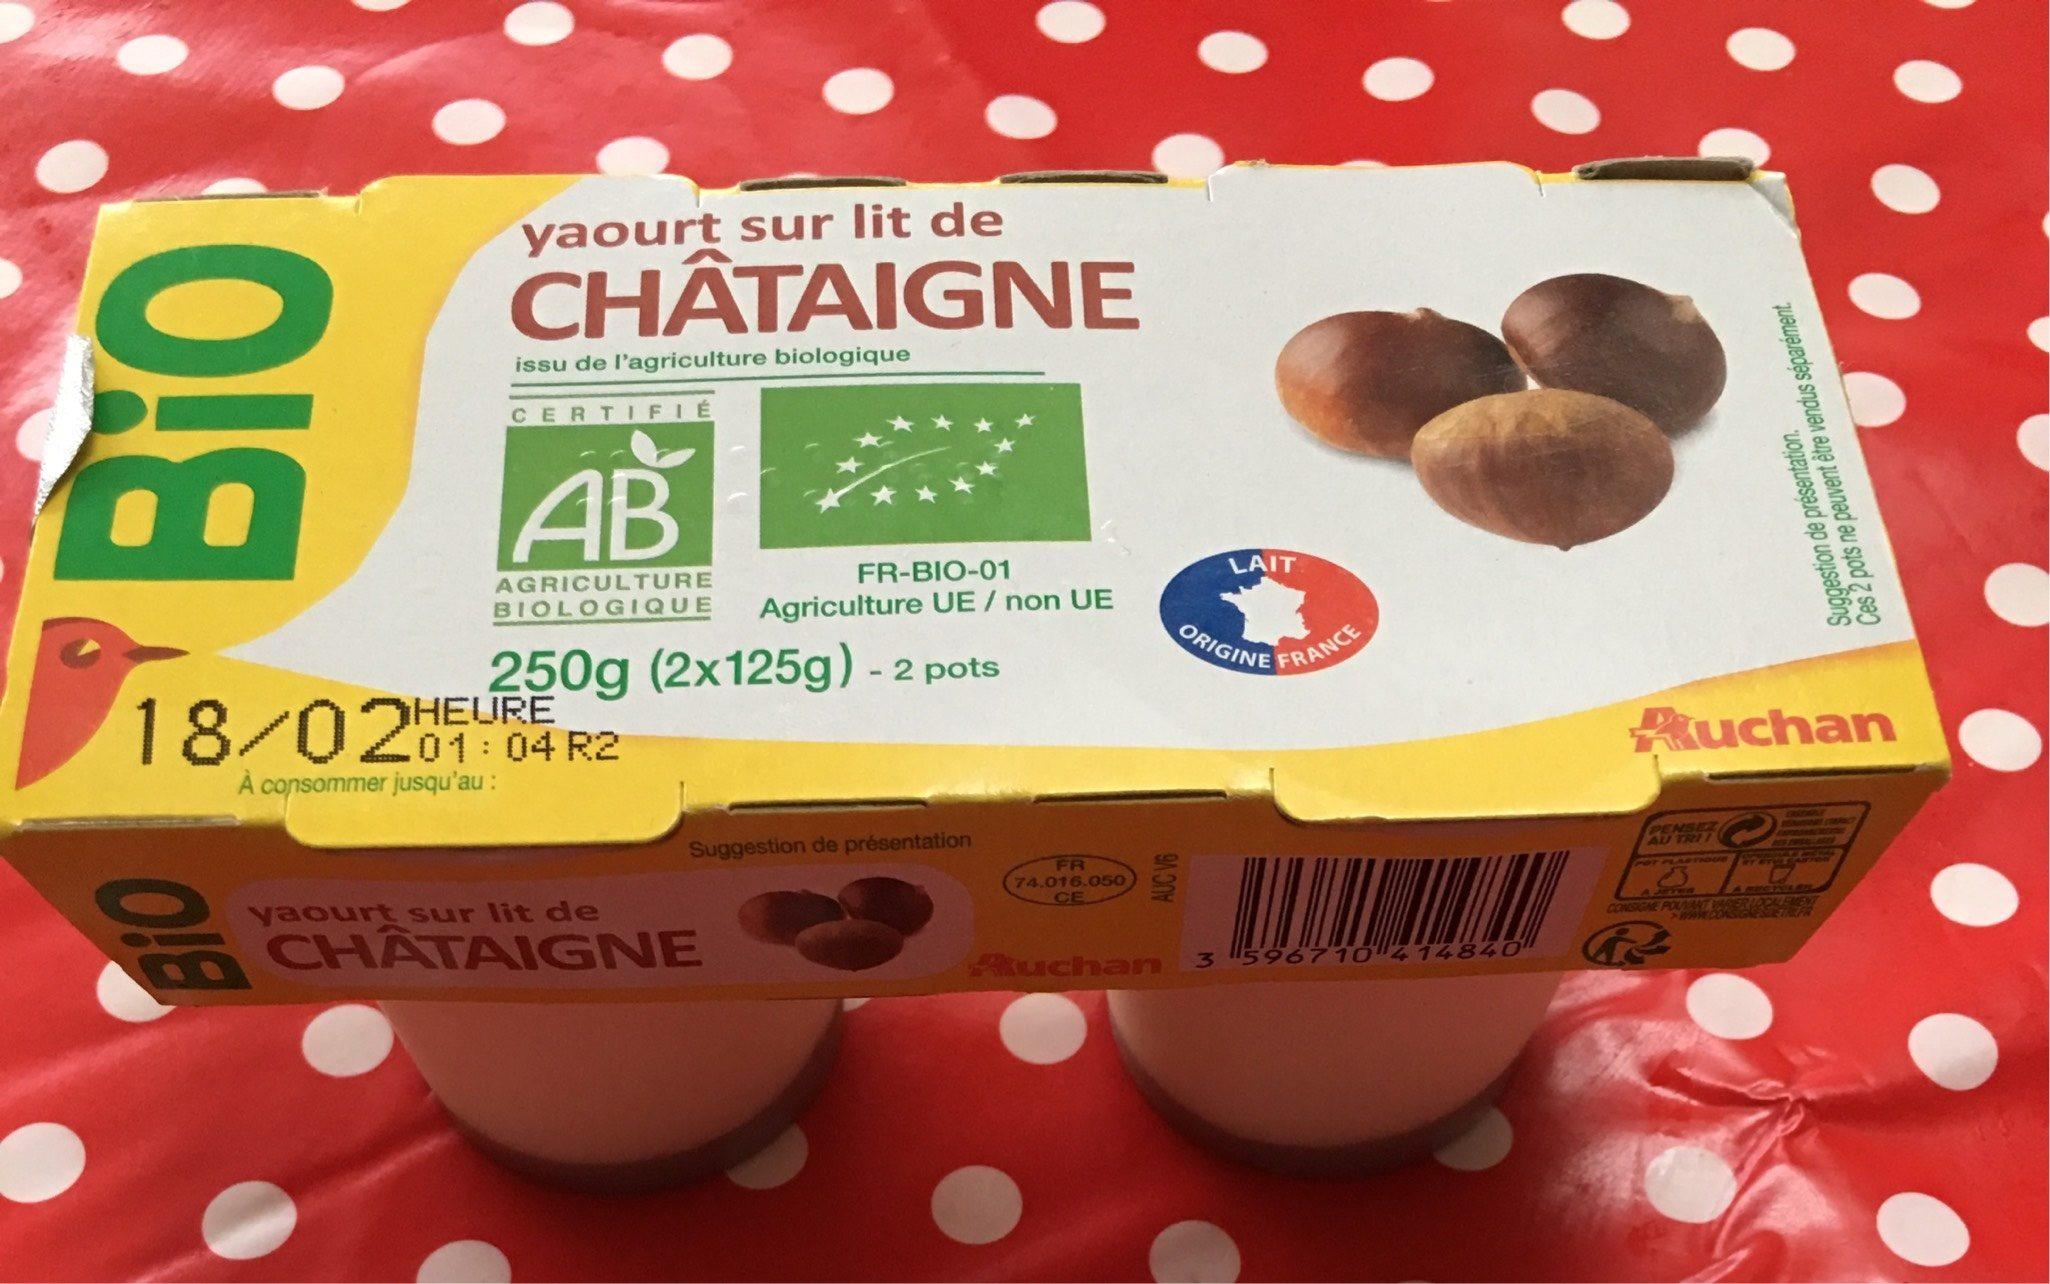 Yaourt sur Lit de Châtaigne - Product